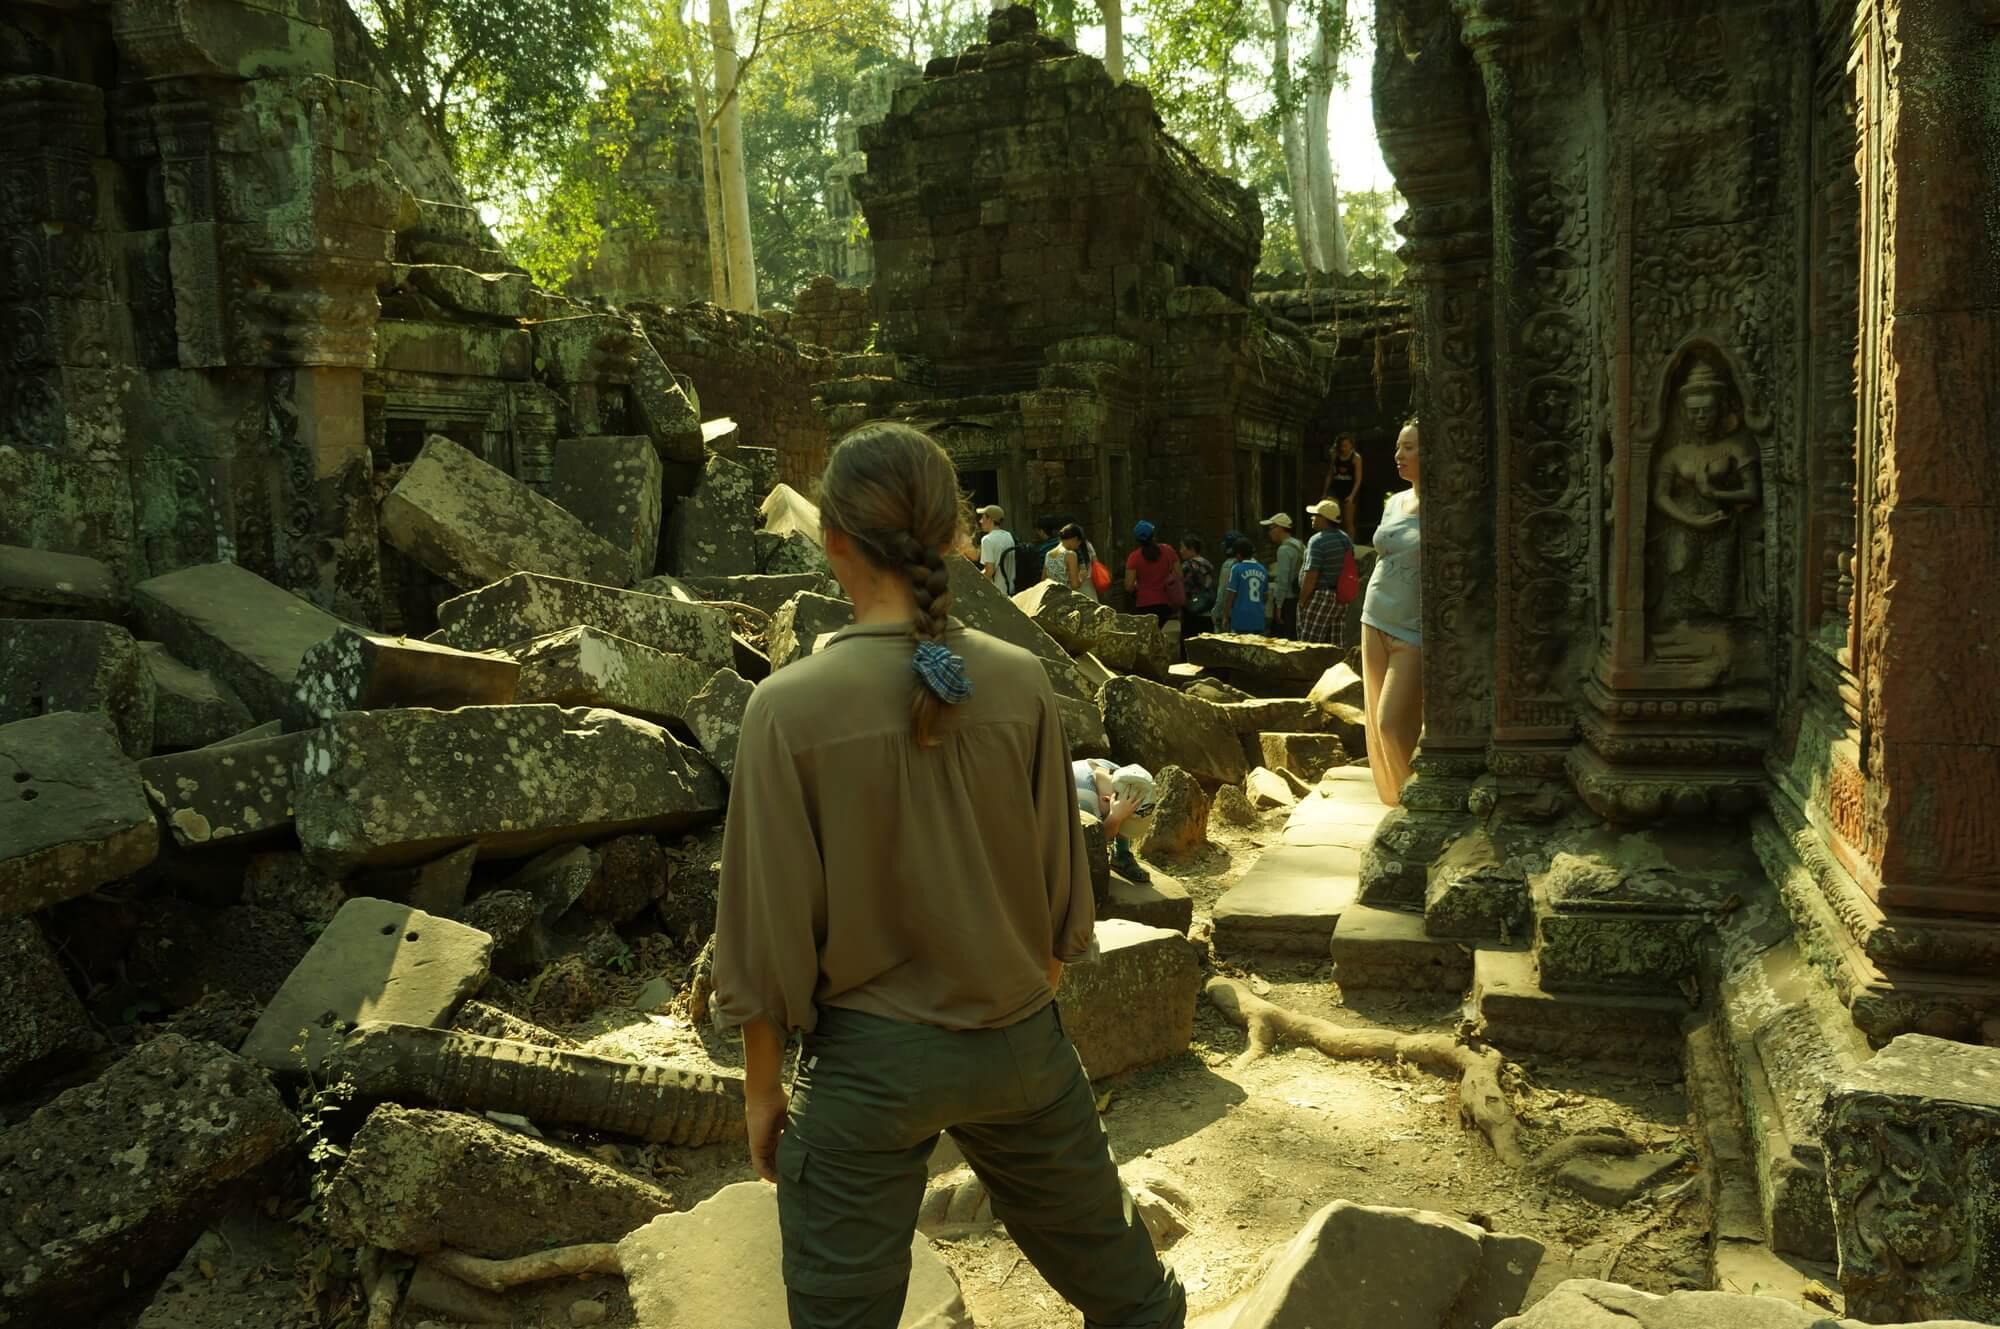 angkor-wat-tomb-raider-9